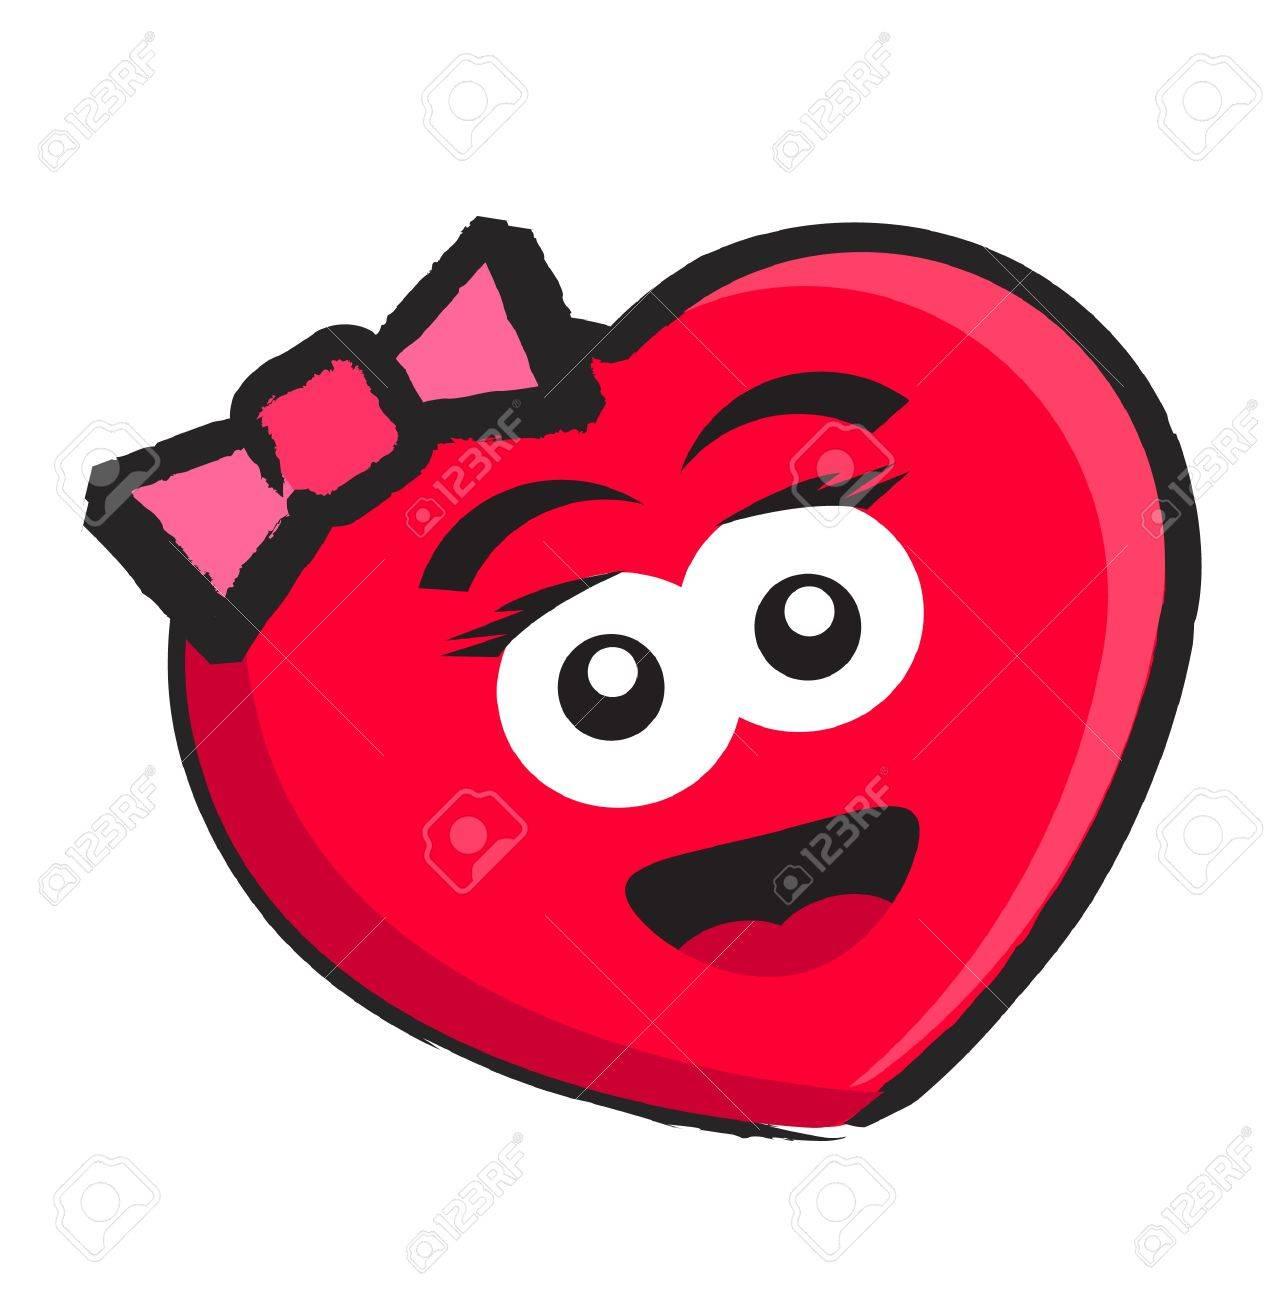 valentine icon Stock Vector - 15388489